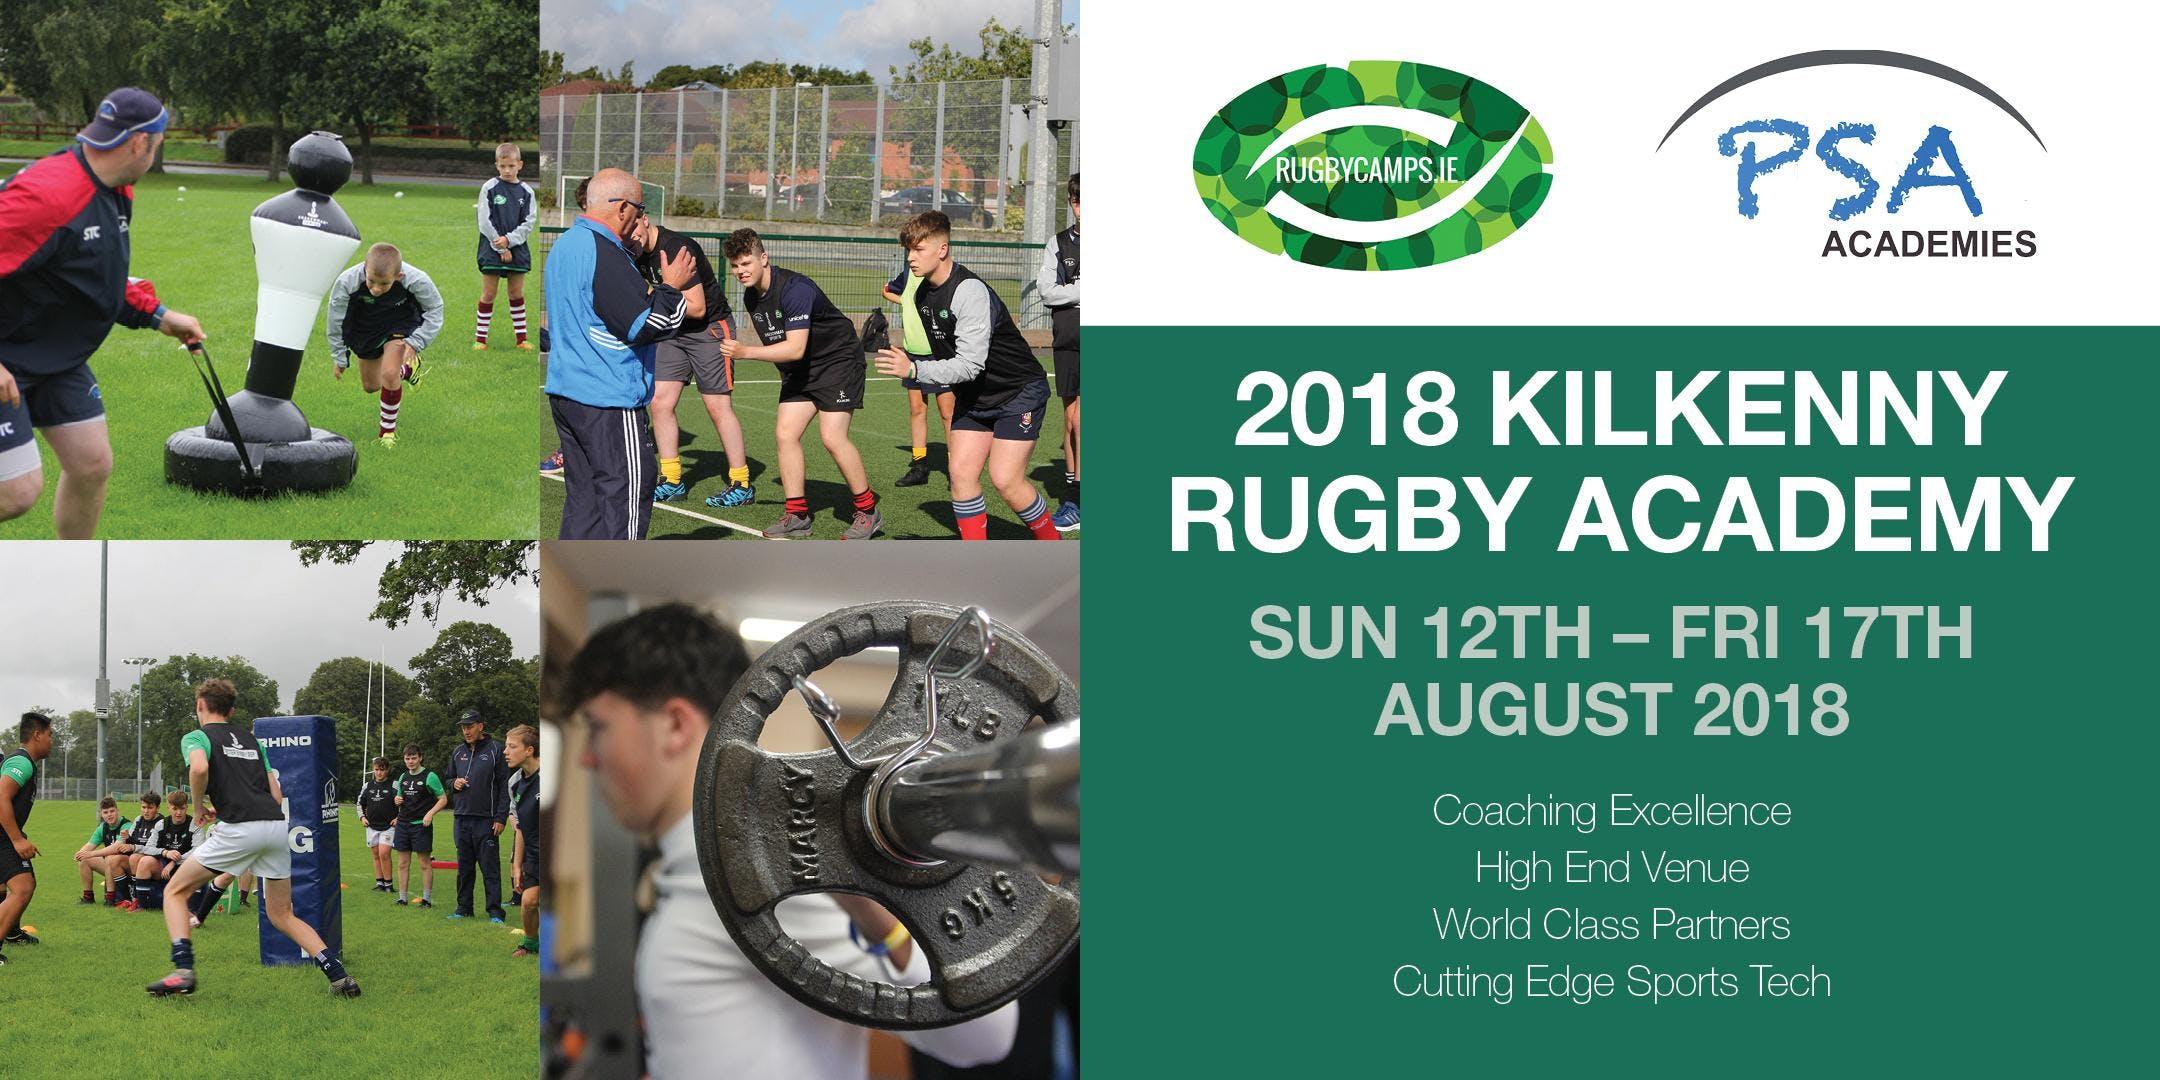 2018 Kilkenny Rugby Academy